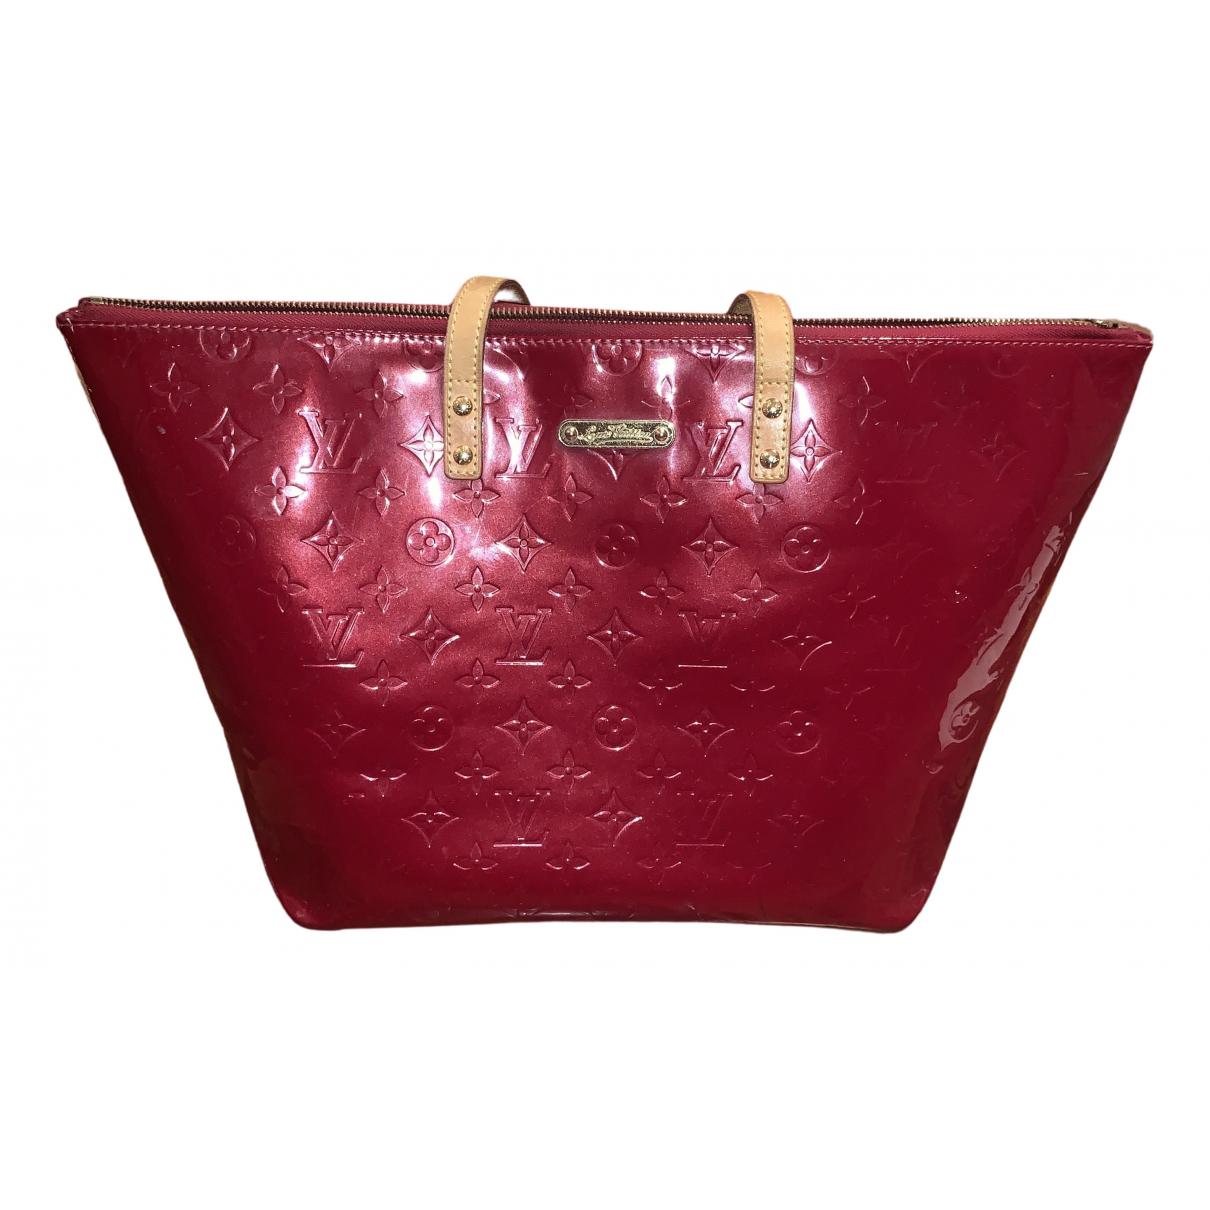 Louis Vuitton Bellevue Handtasche in  Rot Lackleder